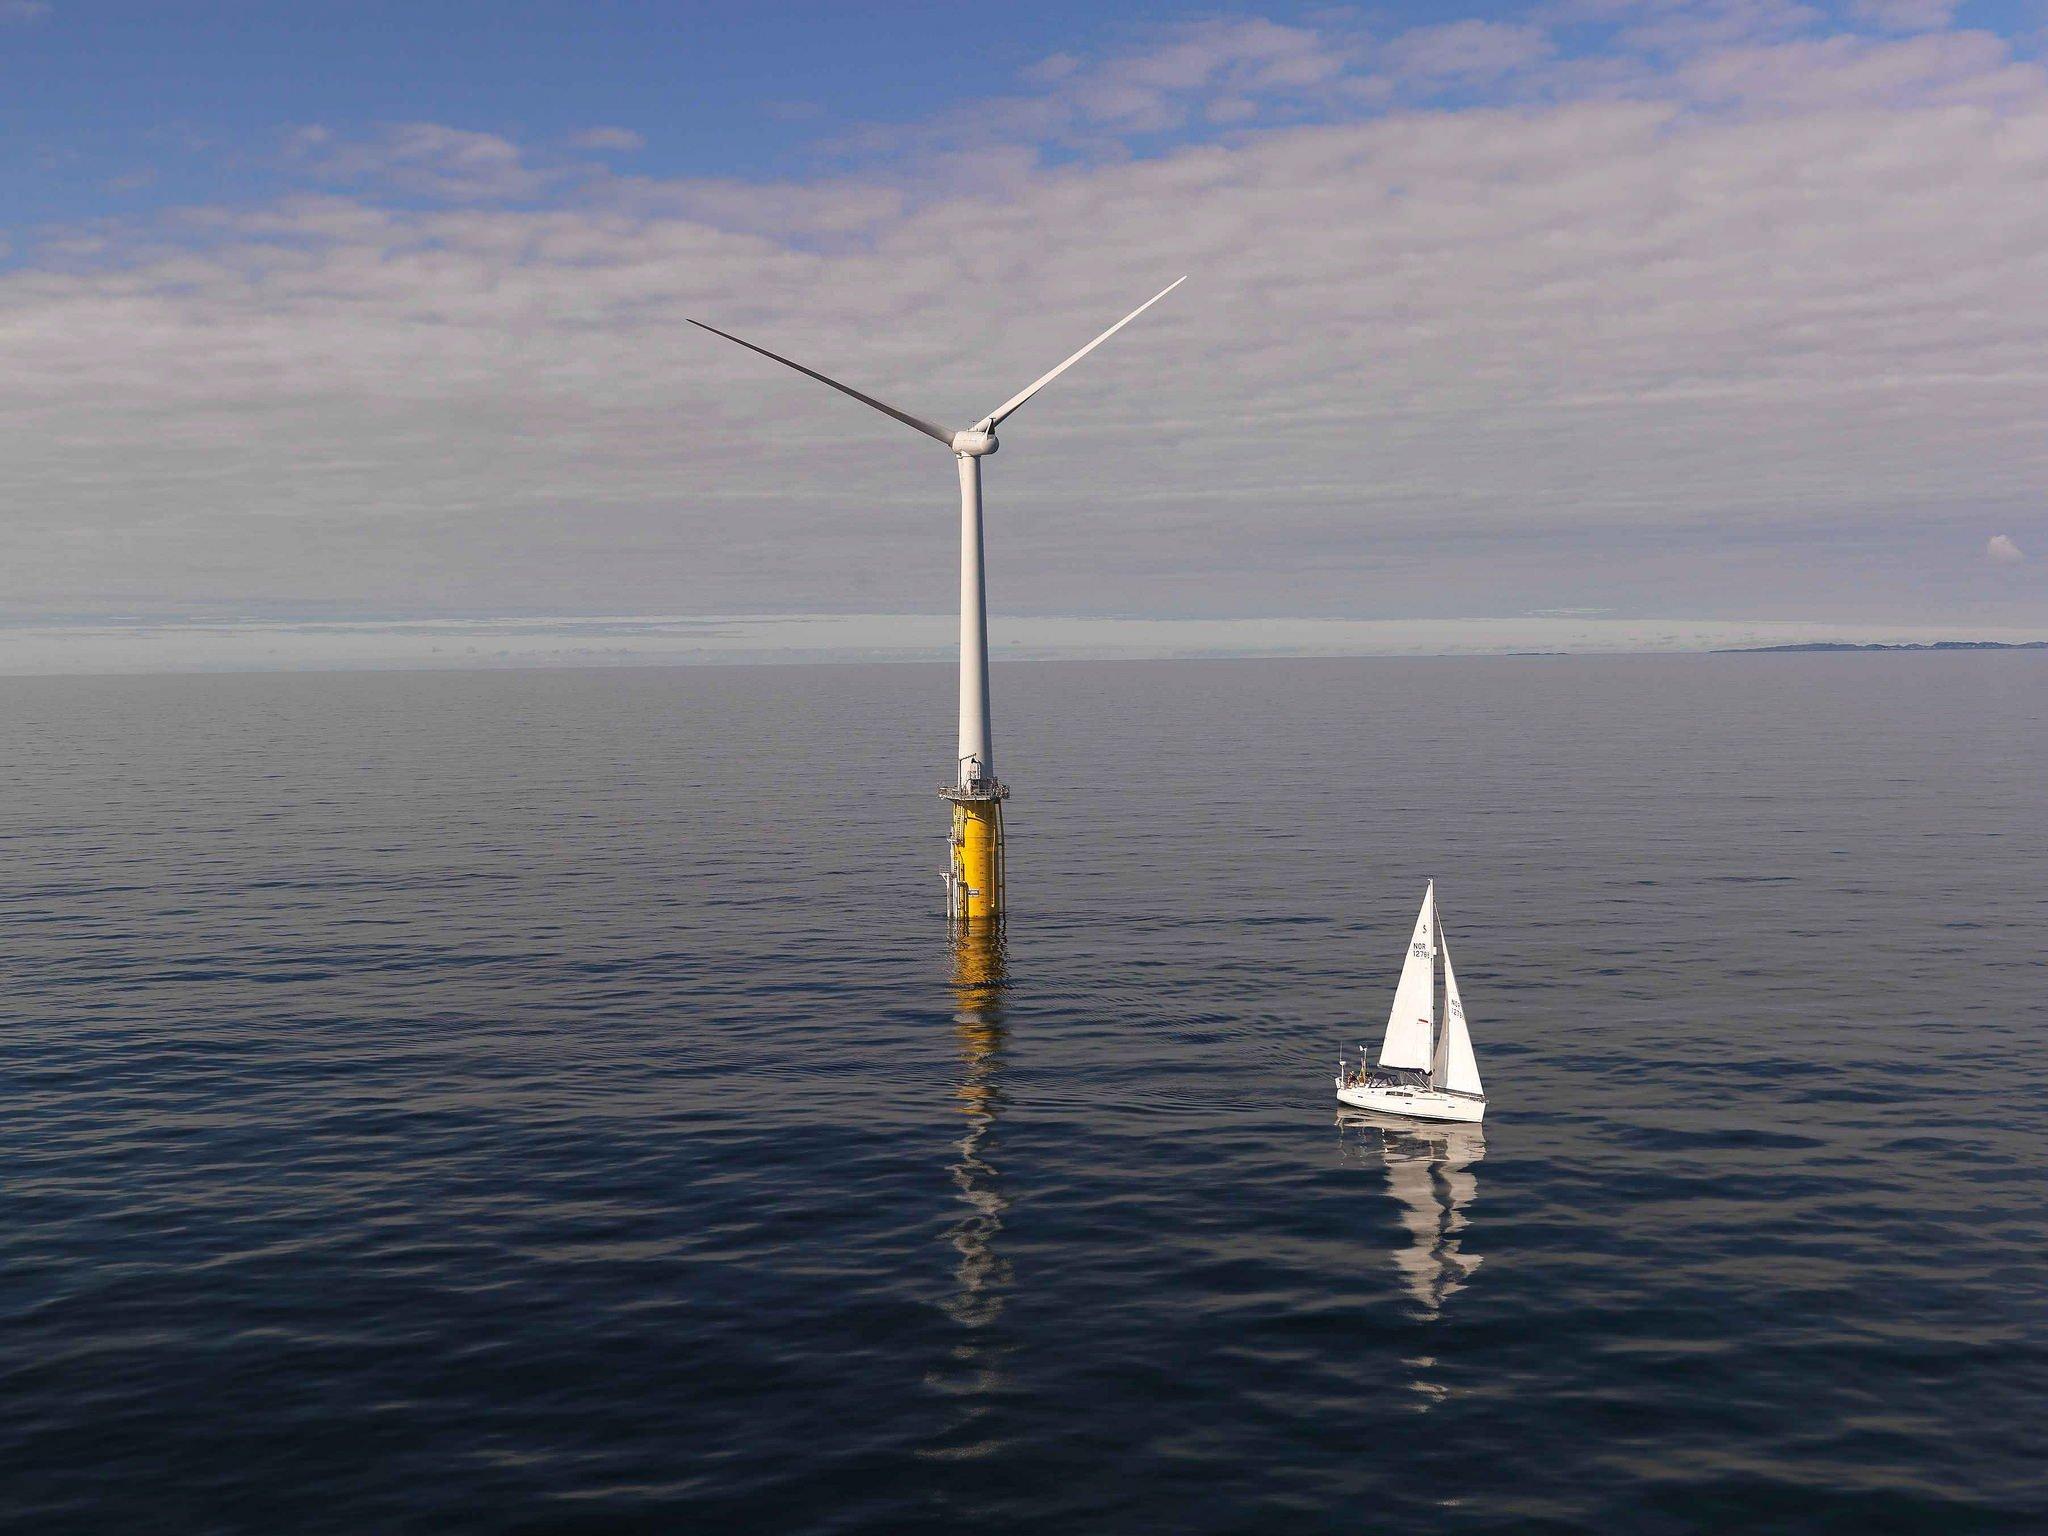 Die schwimmenden Windräder hat Statoil bereits seit 2009 vor der norwegischen Küste erprobt. Jetzt werden sie erstmals im großen Rahmen vor der schottischen Küste eingesetzt.